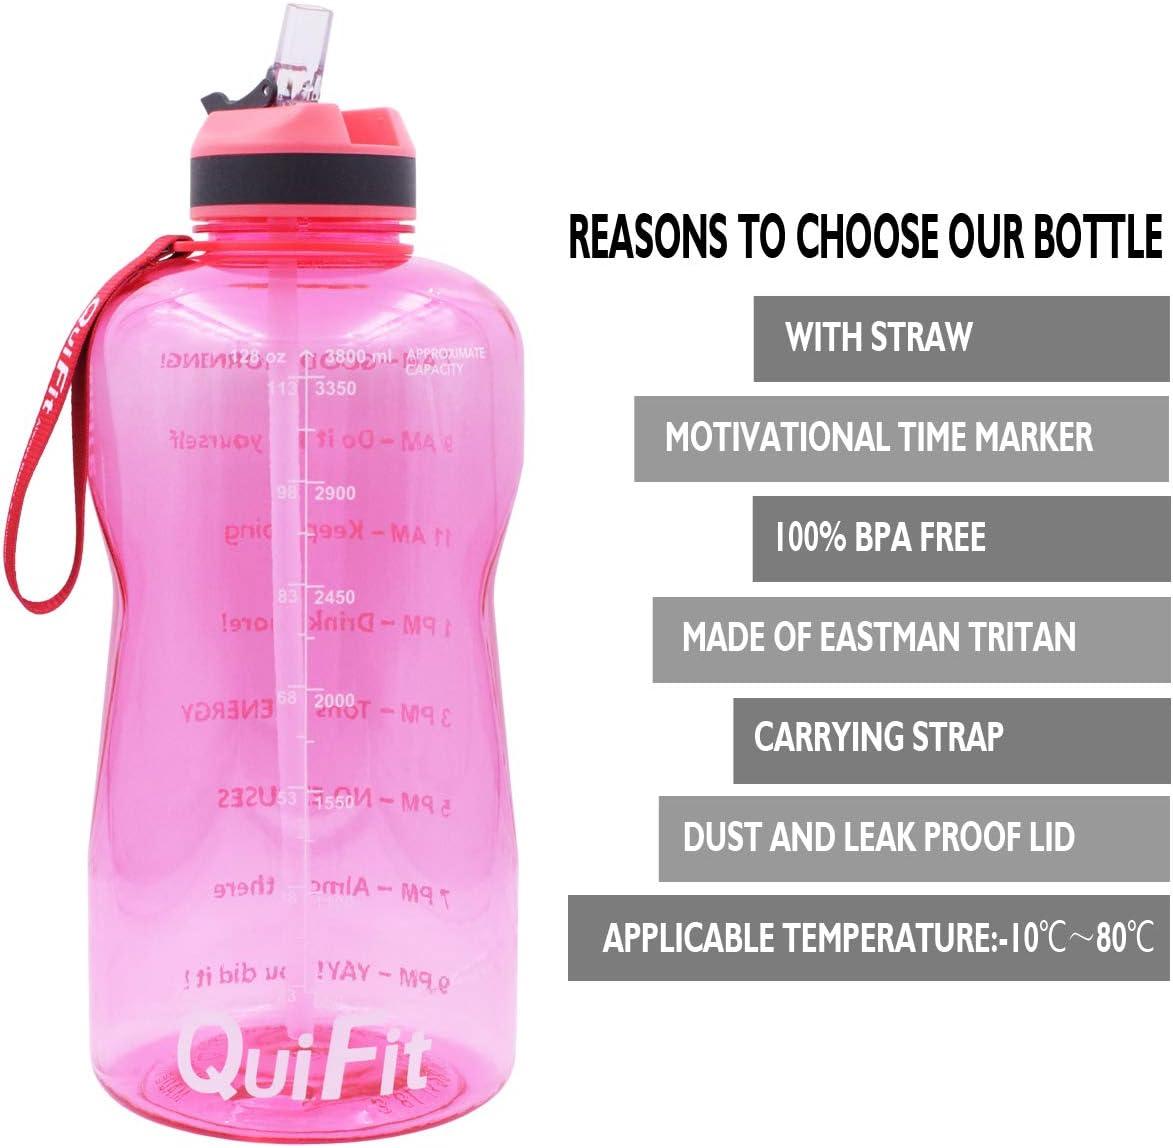 Nero capacit/à 2 l//1,3 l senza BPA ed ecologica Borraccia sportiva con cannuccia e marcatore temporale 1300 ml non tossica QuiFit grande capacit/à allaperto in Tritan fitness